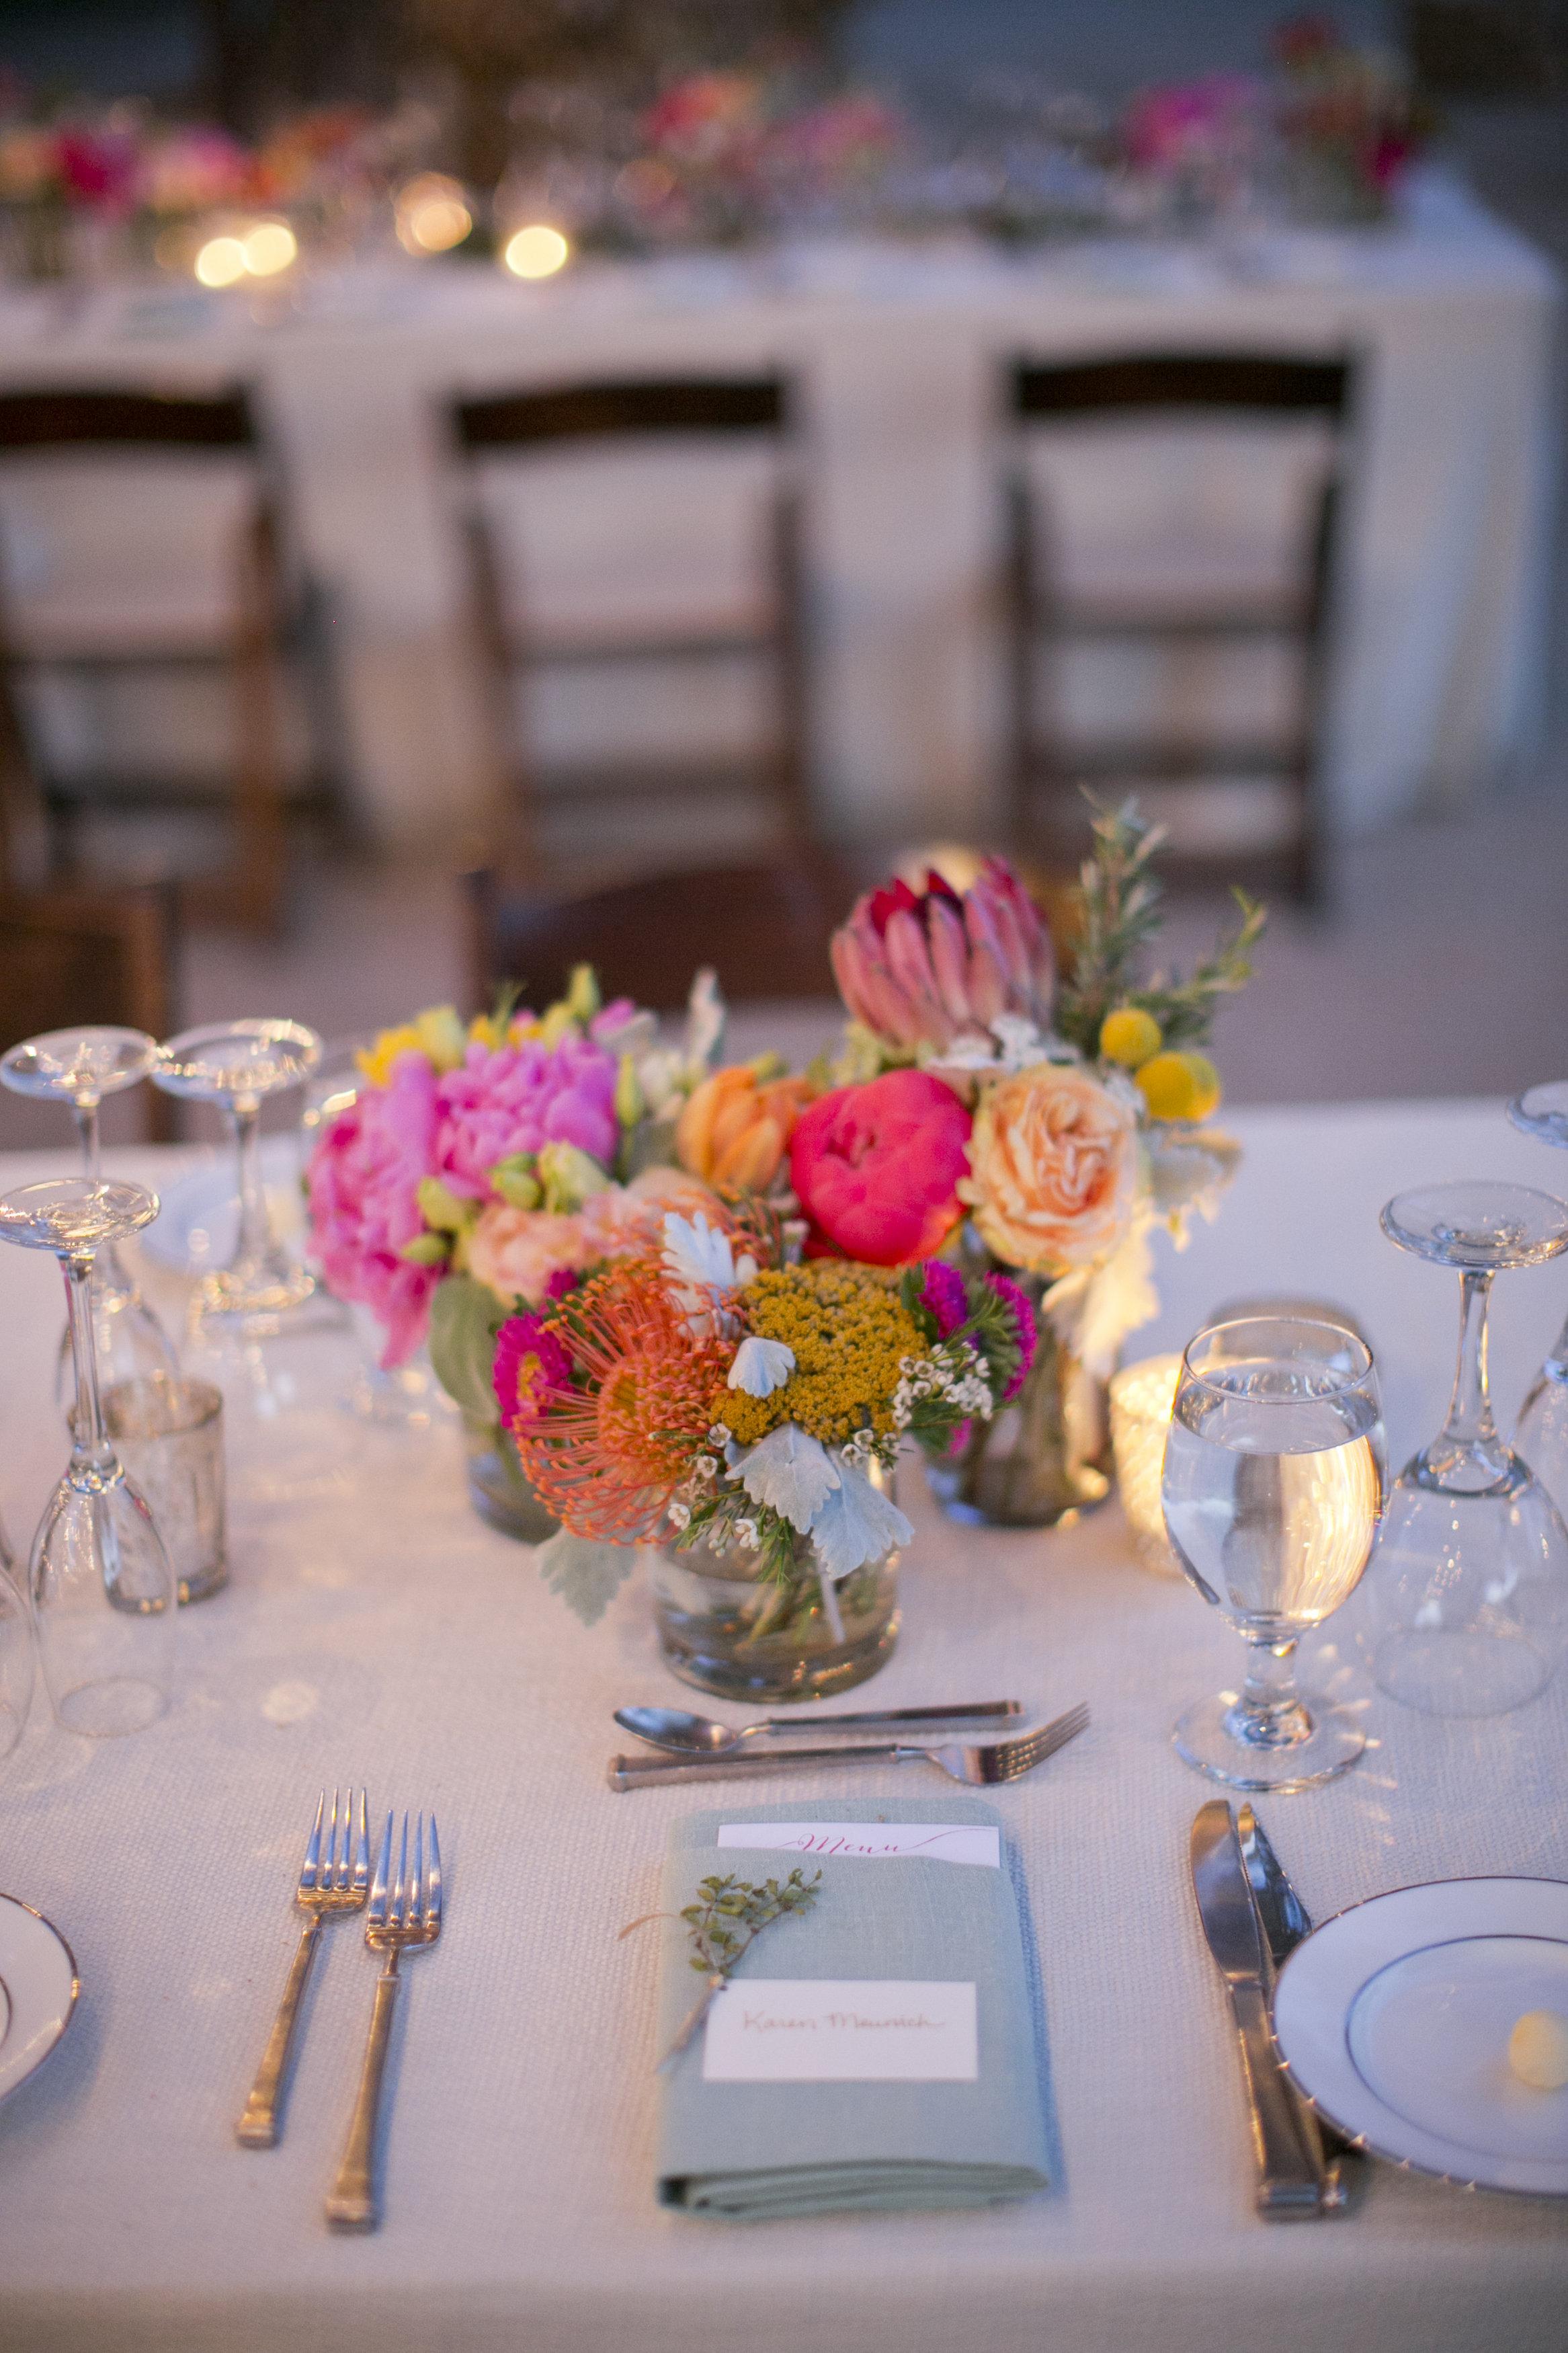 Ceci_New_York_Ceci_Style_Ceci_Johnson_Luxury_Lifestyle_Arizona_Wedding_Watercolor_Inspiration_Design_Custom_Couture_Personalized_Invitations_176.jpg